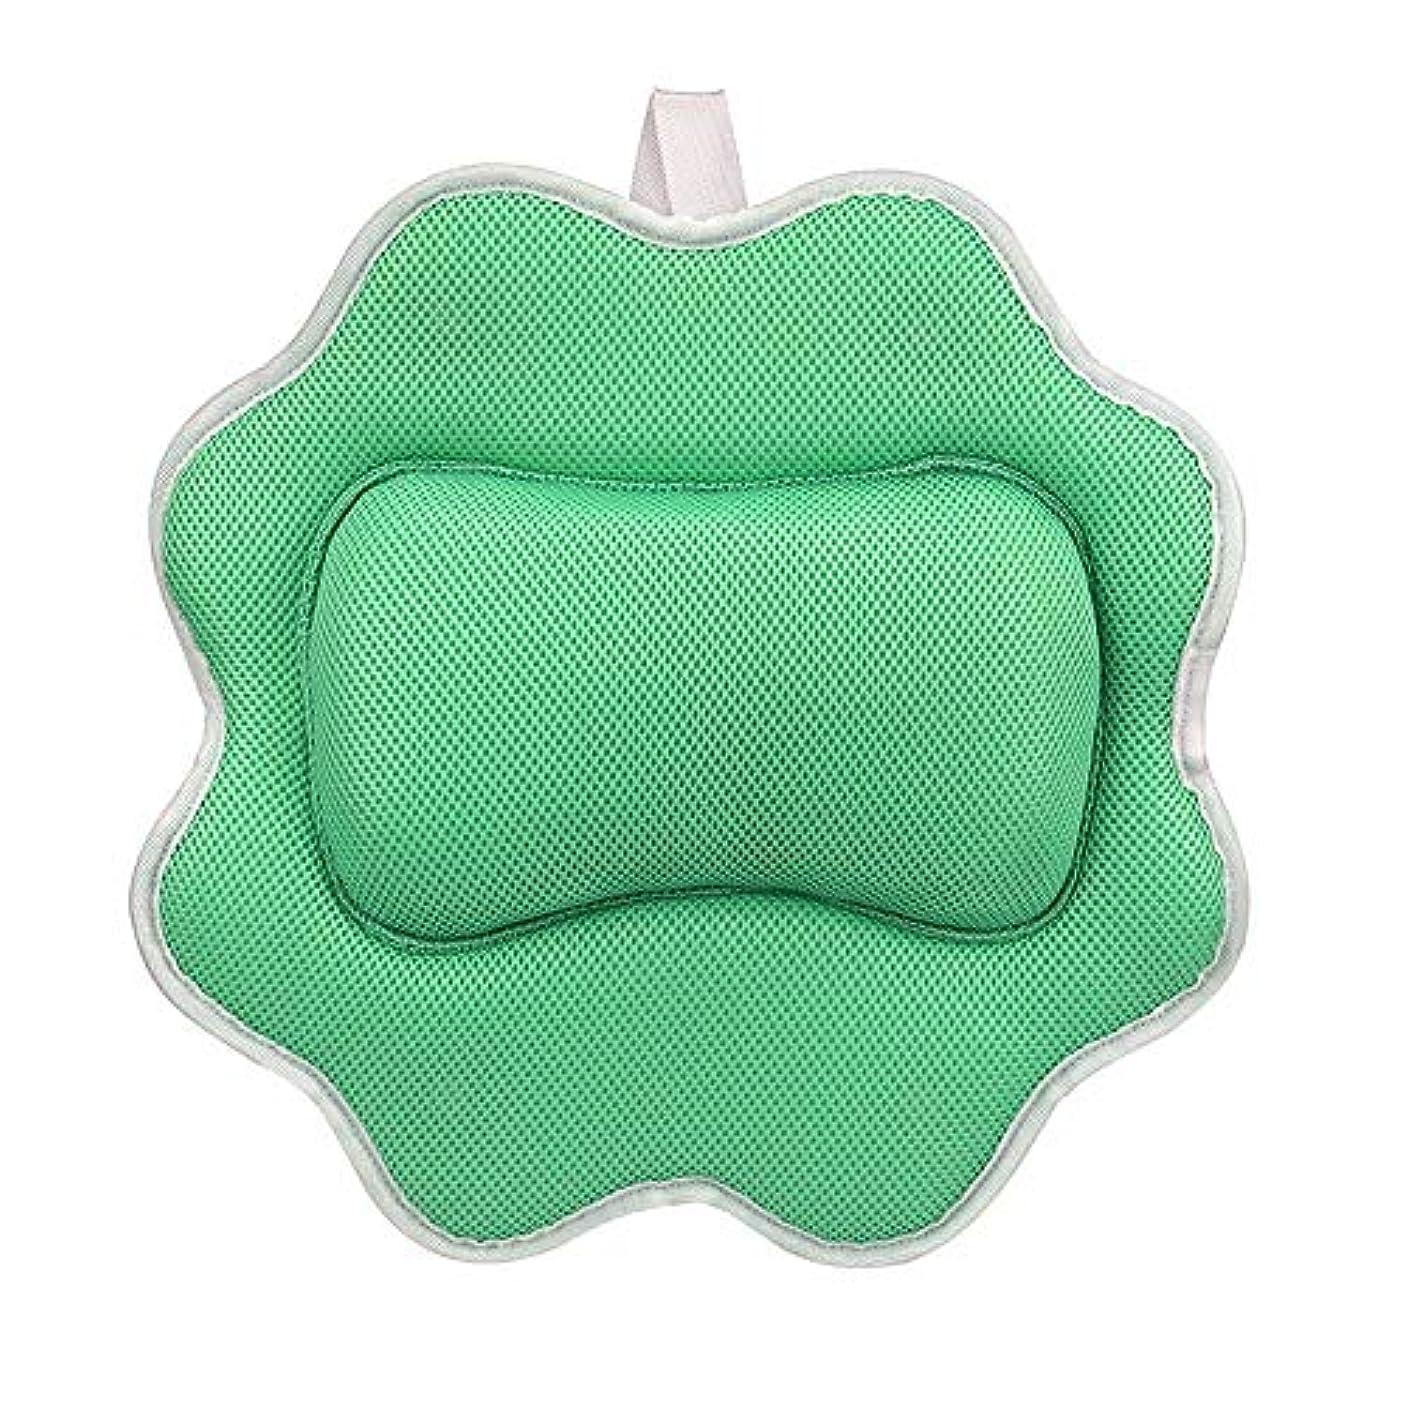 臭い意志階サンフラワーバスピロースパマッサージ枕用アップグレード5 dエアーメッシュ技術あなたの肌と首を保護、洗濯機で洗えます